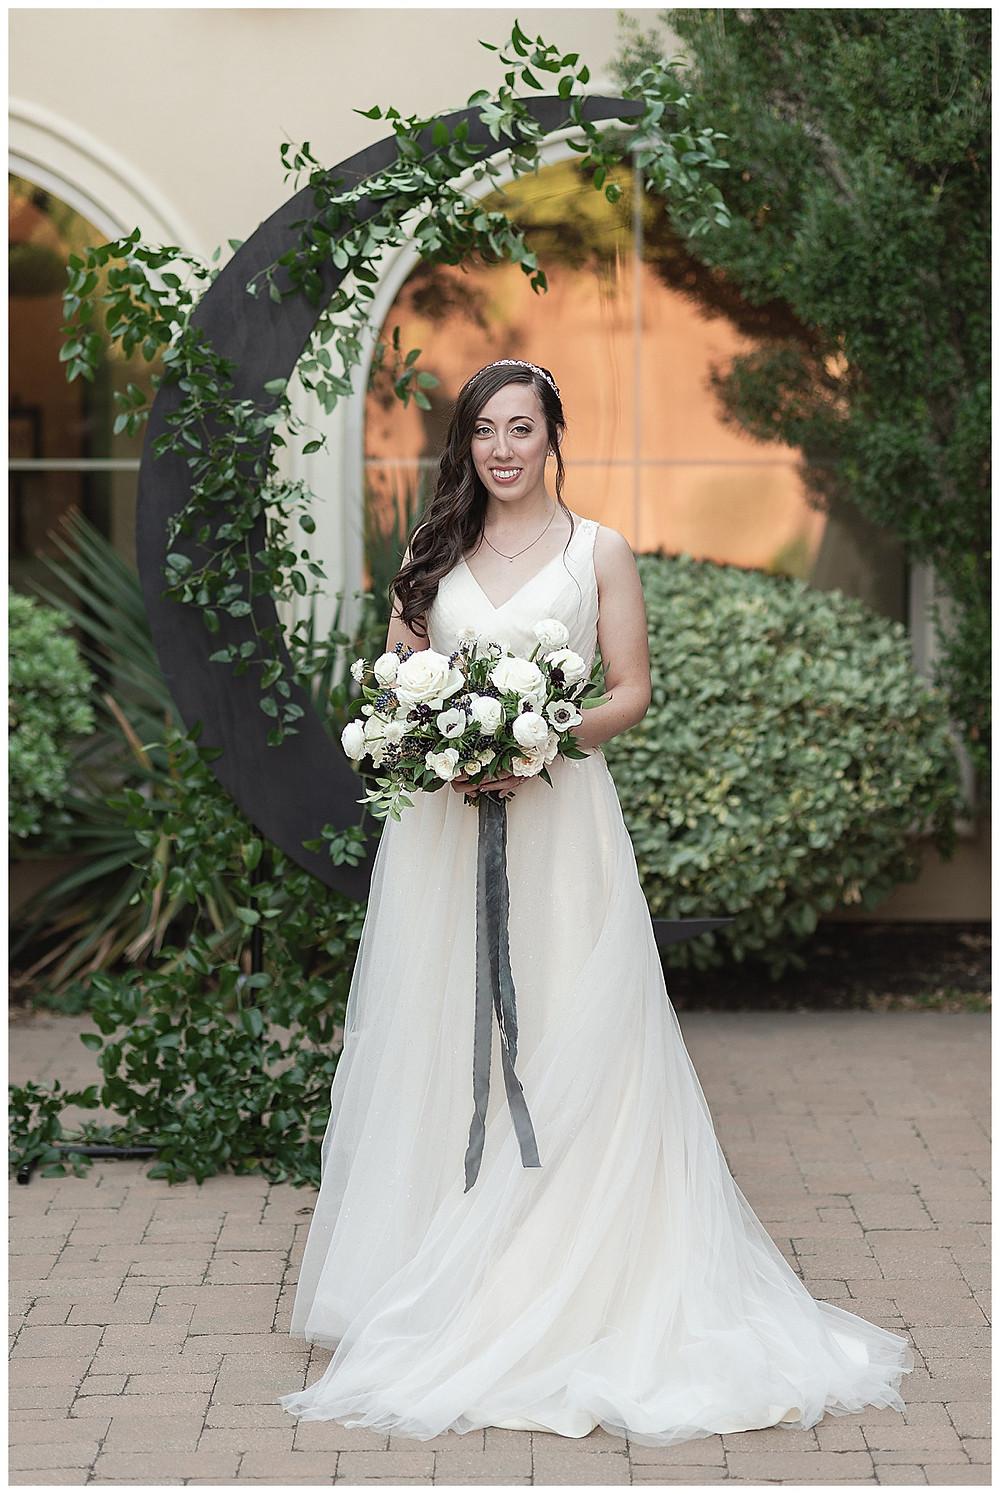 Chapel Ana Villa, The colony Texas, dallas wedding, dallas wedding photography, dallas wedding venue , bridals, moon floral install